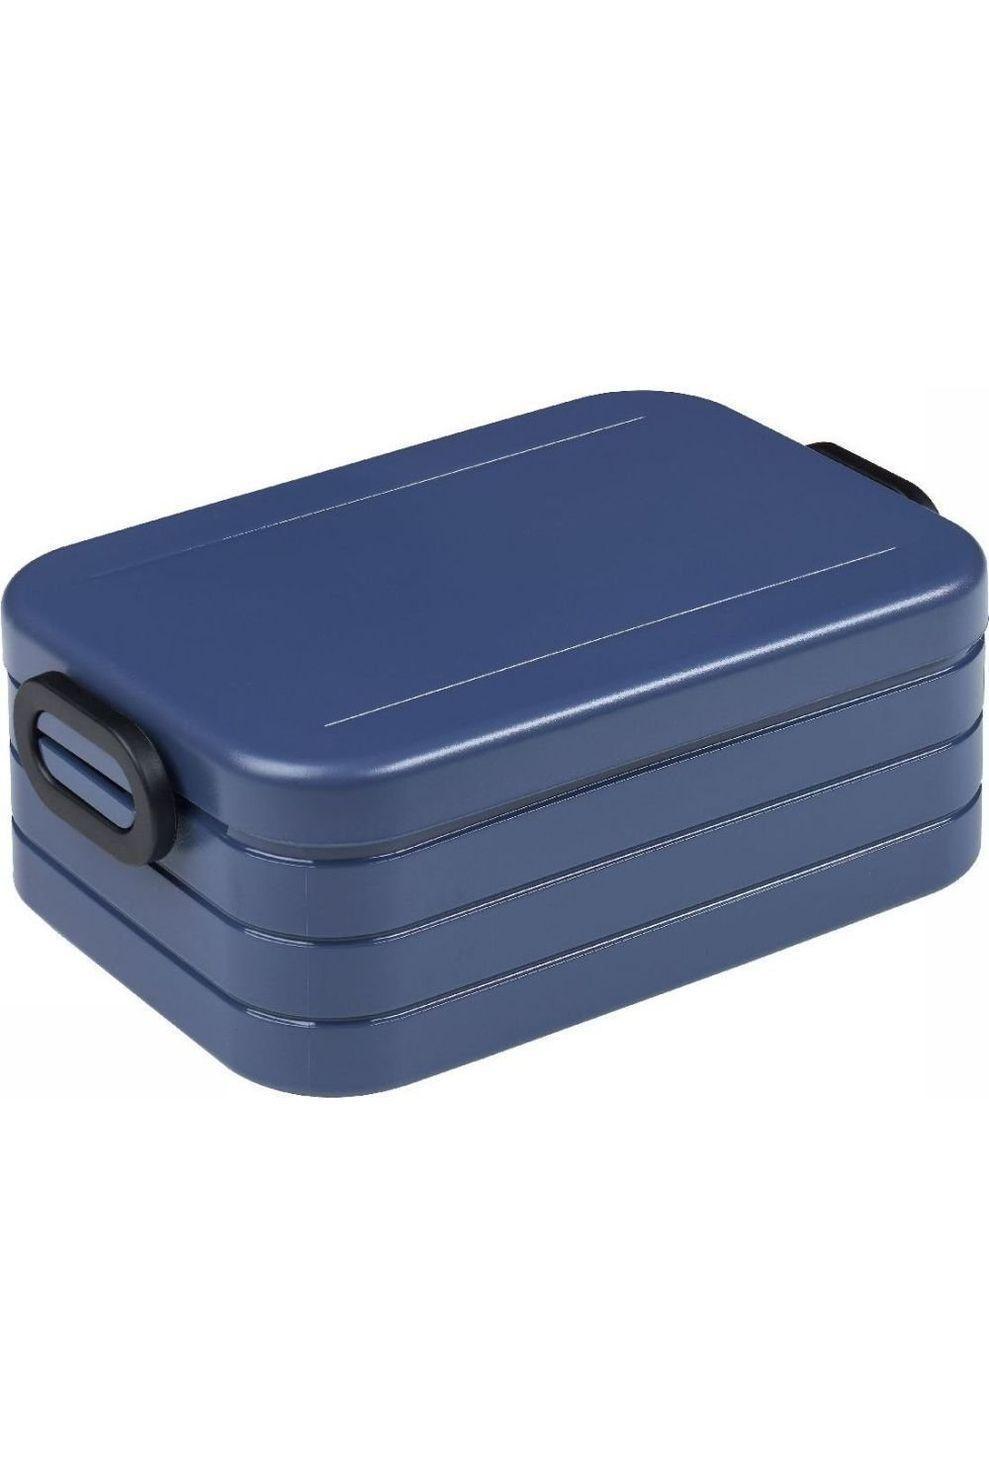 Mepal Lunchbox Take A Break Midi - Blauw